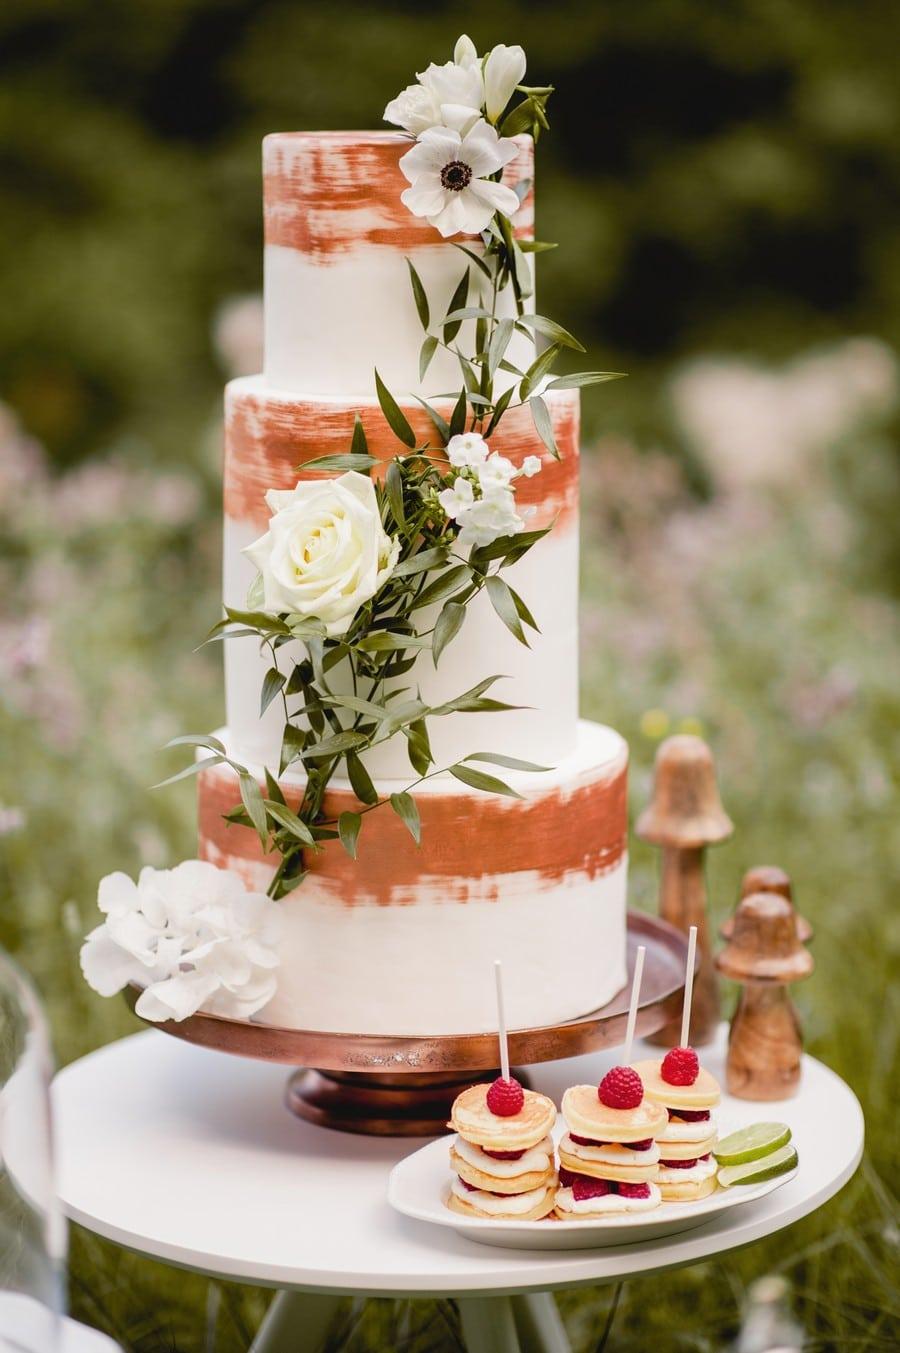 Inspiration für eine schlichte Hochzeitstorte in Weiß und Kupfer, passend zu einer natürlichen Hochzeit